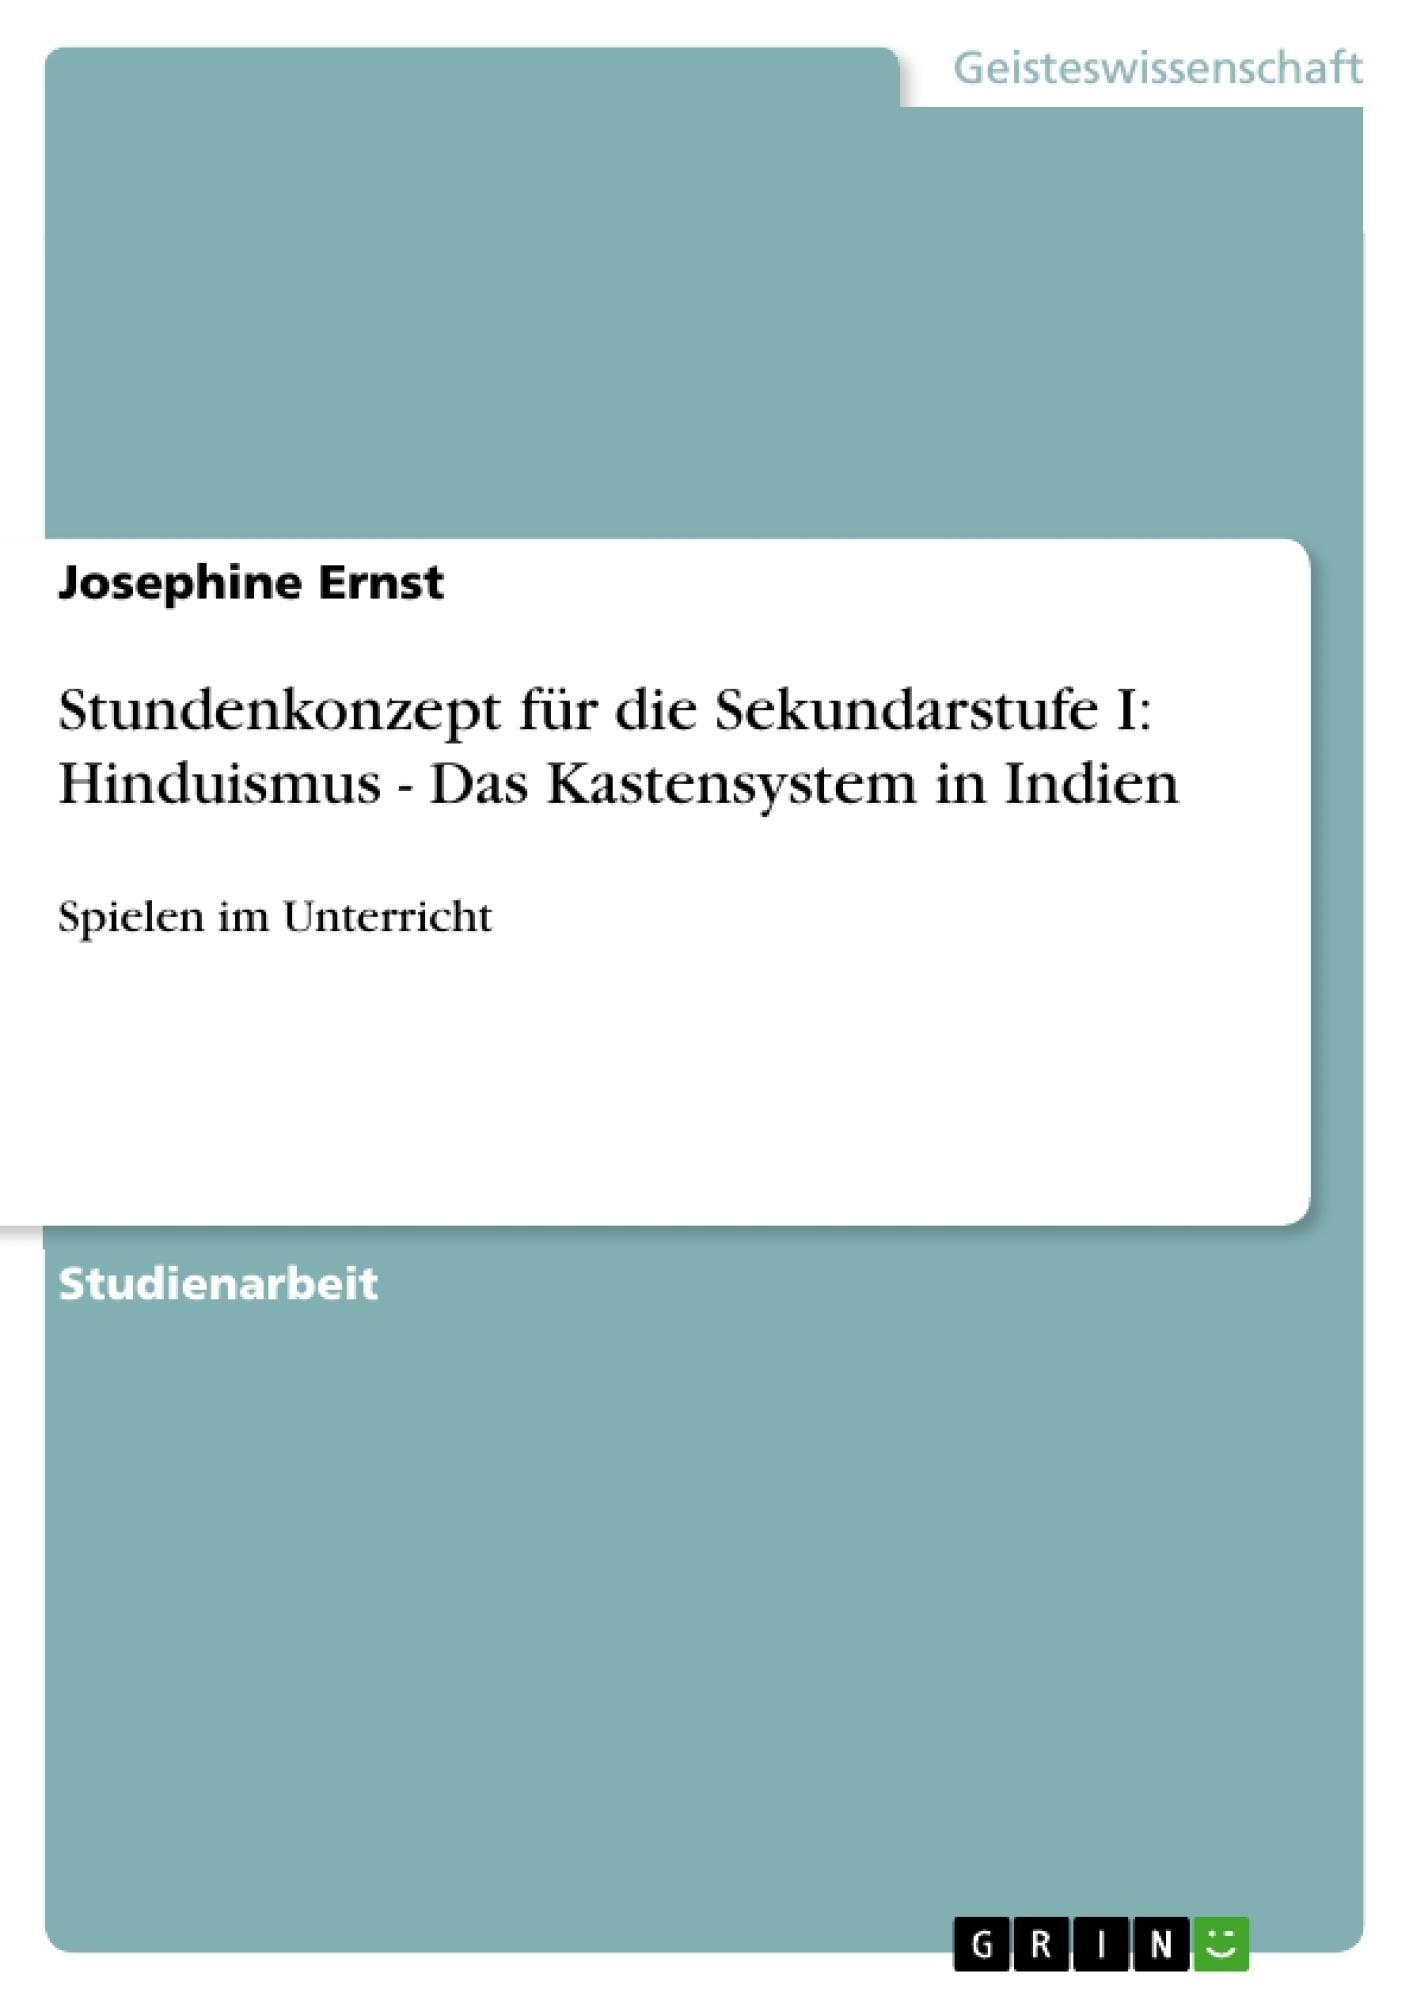 Titel: Stundenkonzept für die Sekundarstufe I: Hinduismus - Das Kastensystem in Indien